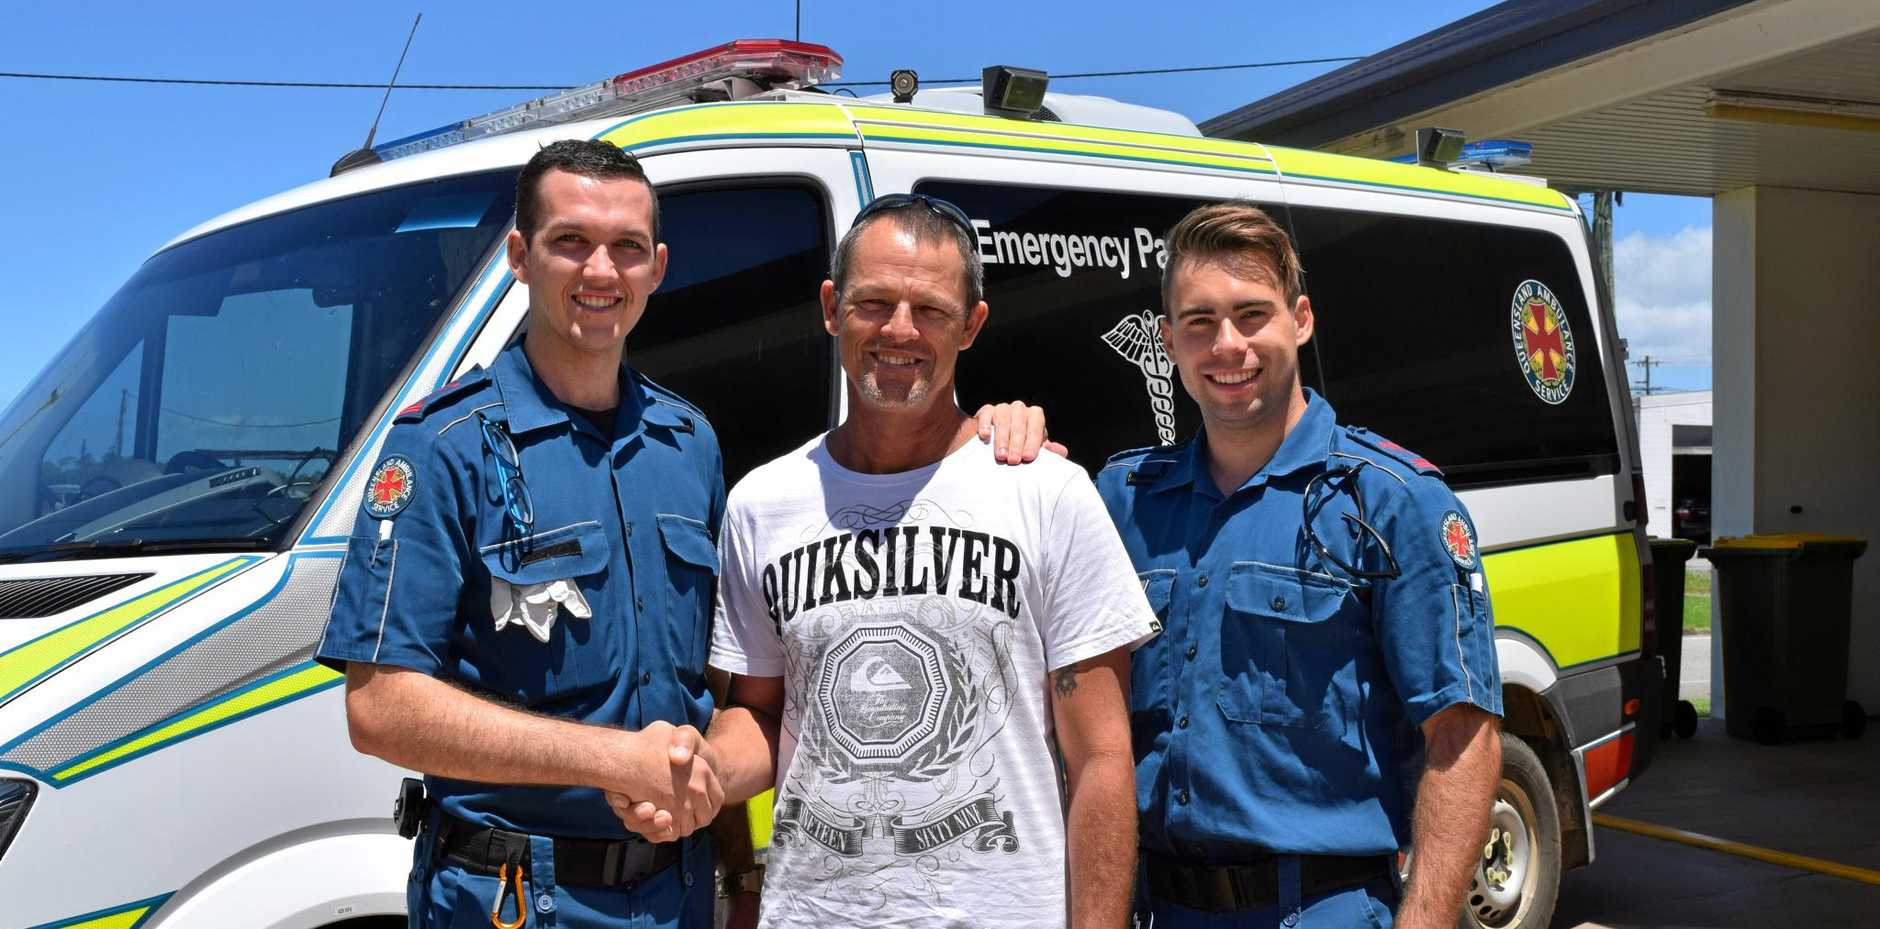 LIFE SAVERS: Reece Simon thanks paramedics Jordan Miles and Jordan Wacek for saving his life after a heart attack.